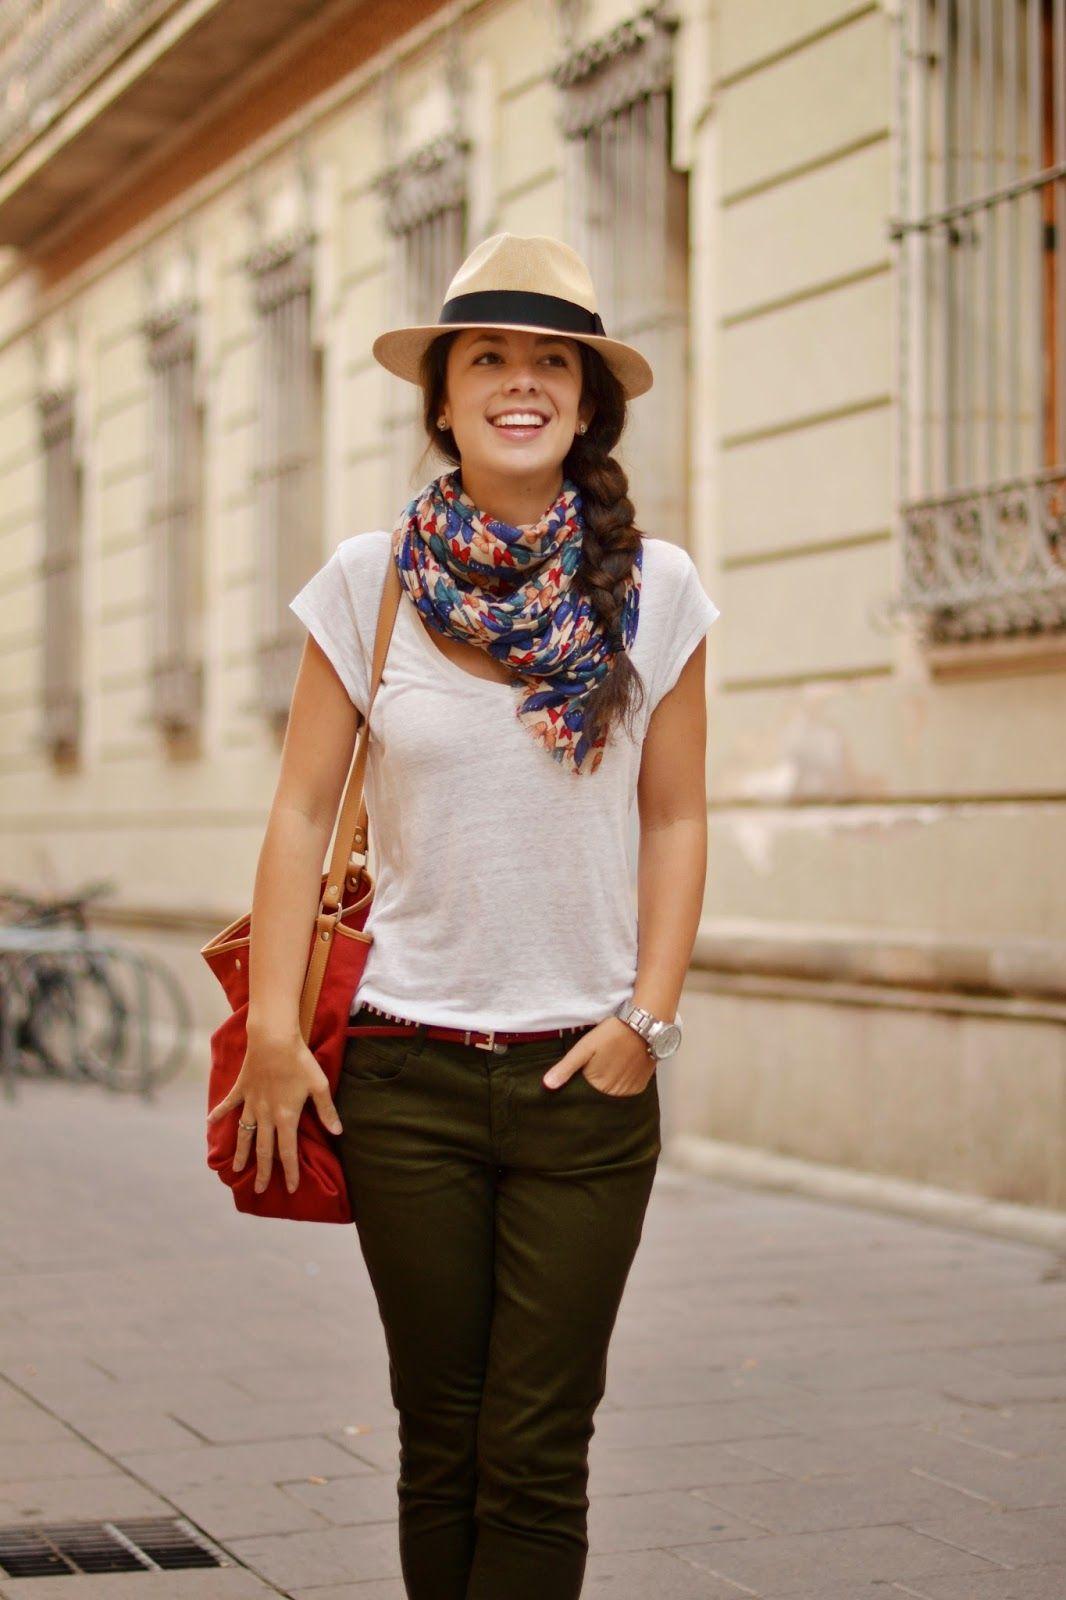 Cómo combinar los pantalones caqui en tu look de otoño : MartaBarcelonaStyle's Blog